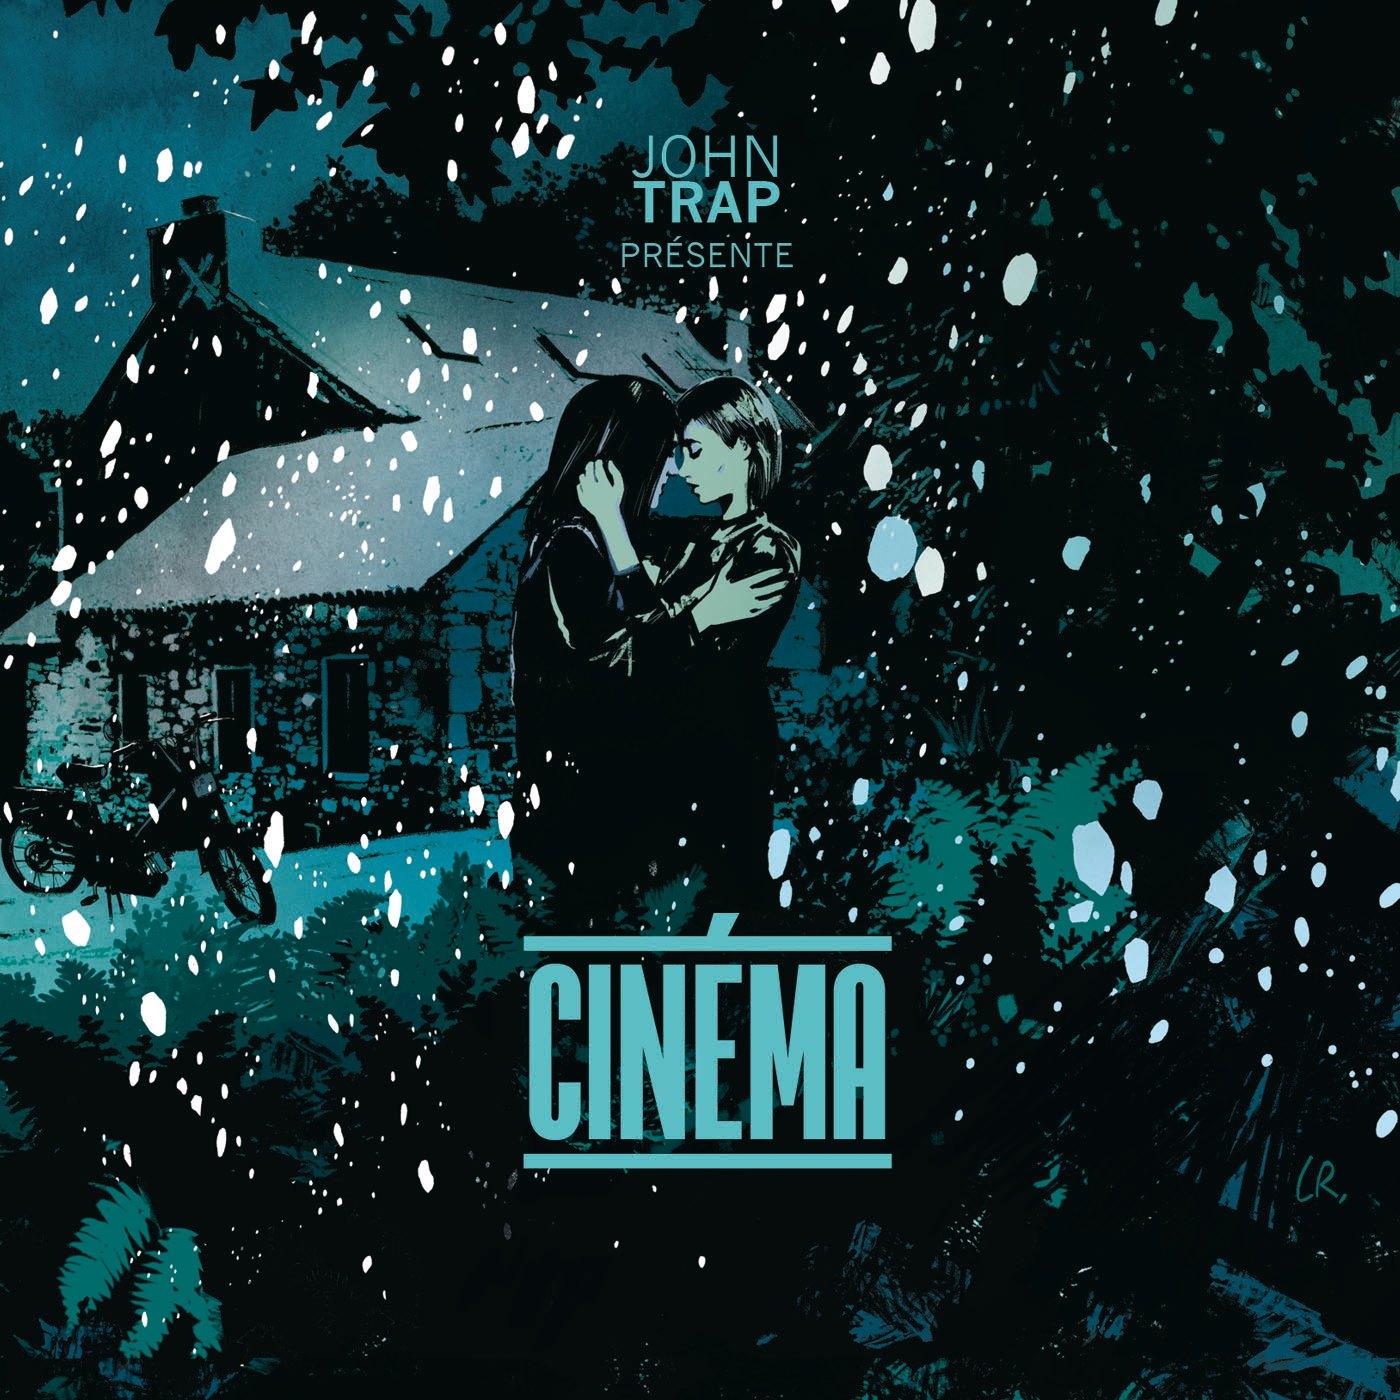 John Trap – Cinéma